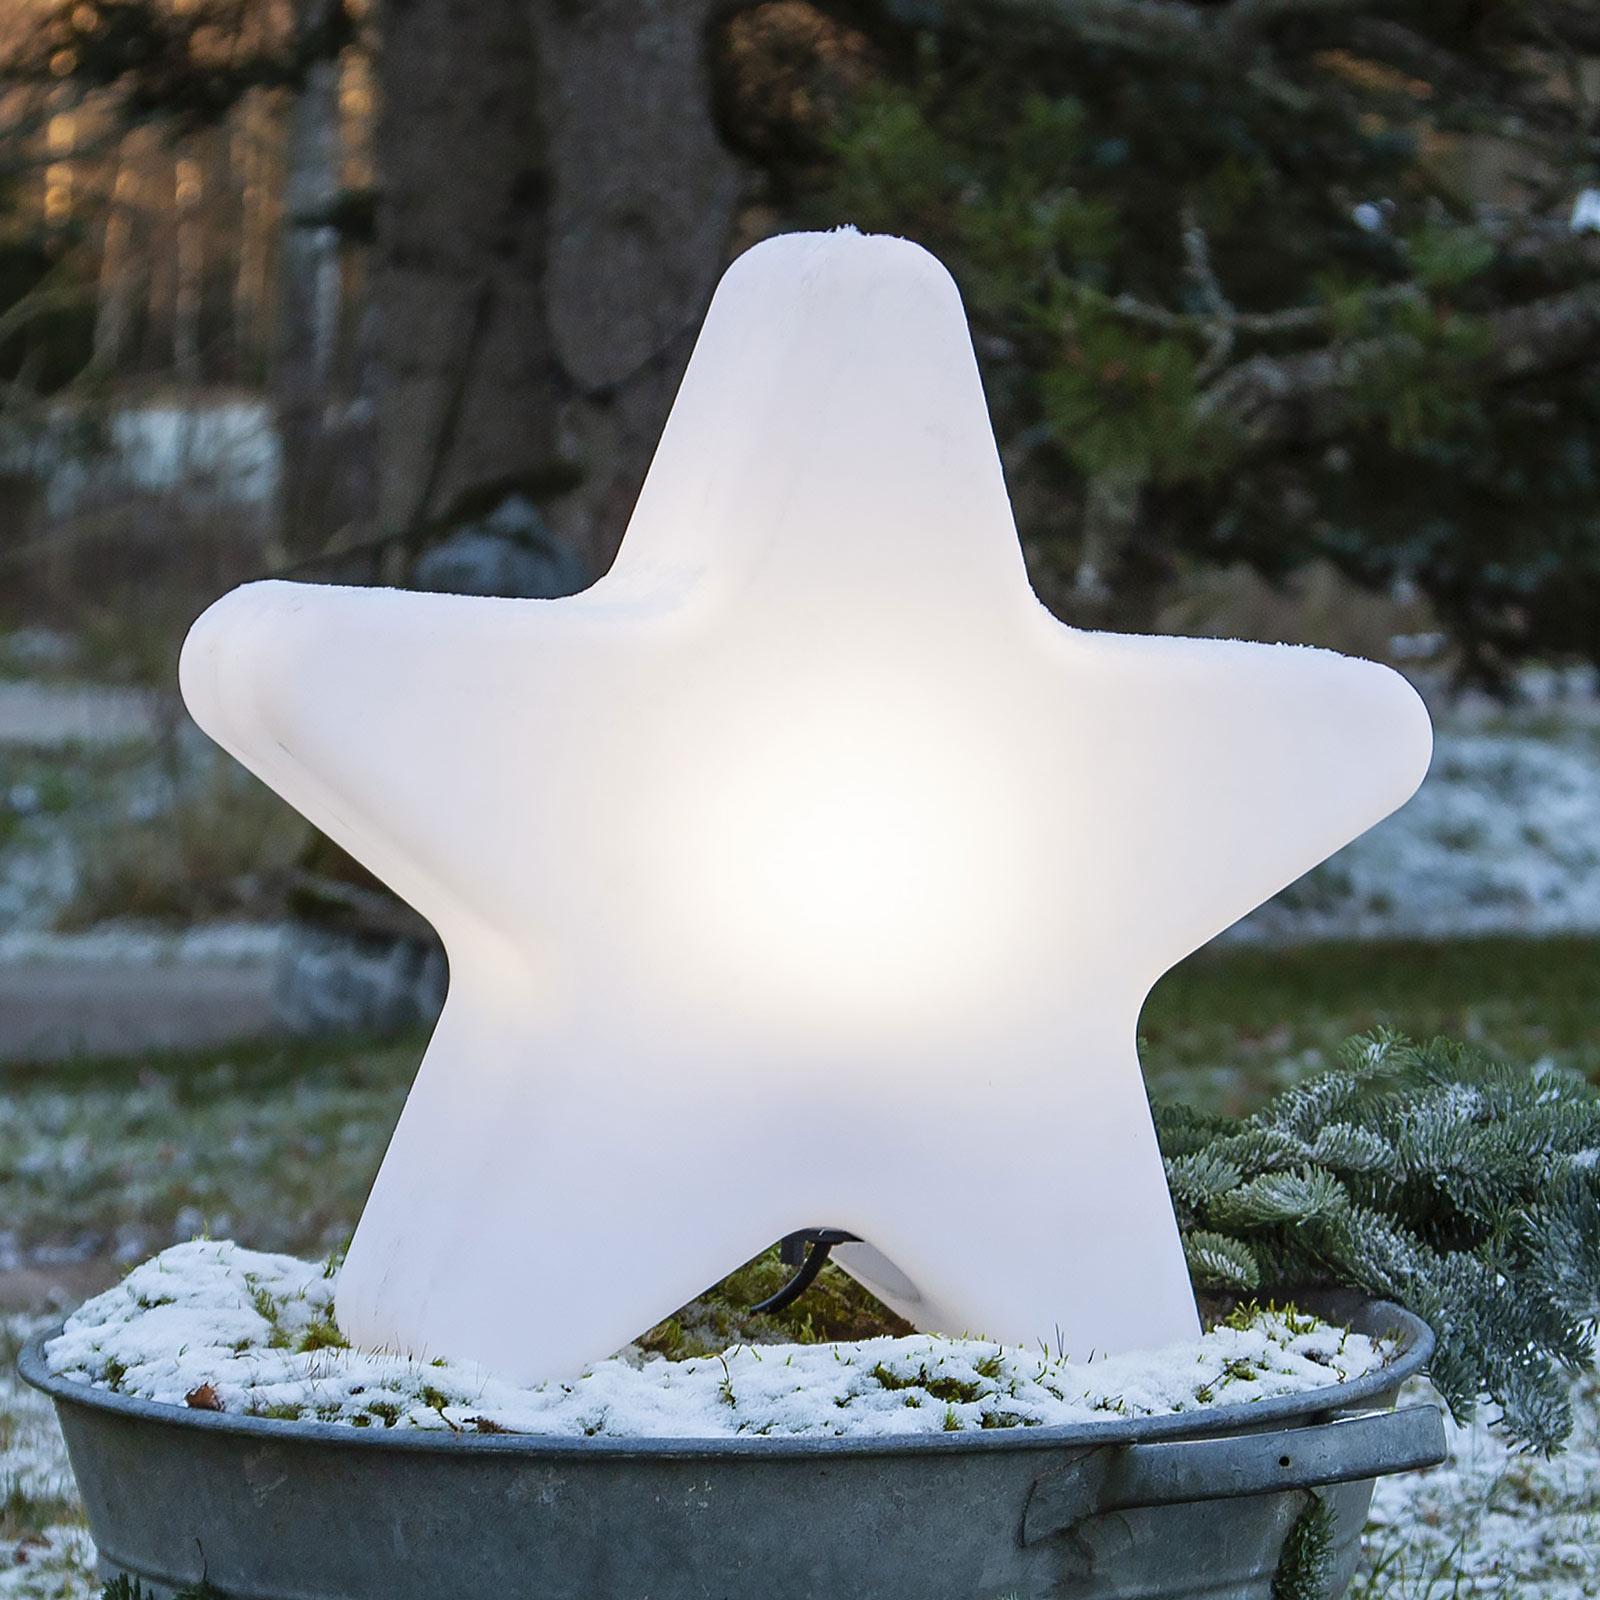 Lampa tarasowa Gardenlight, kształt gwiazdy